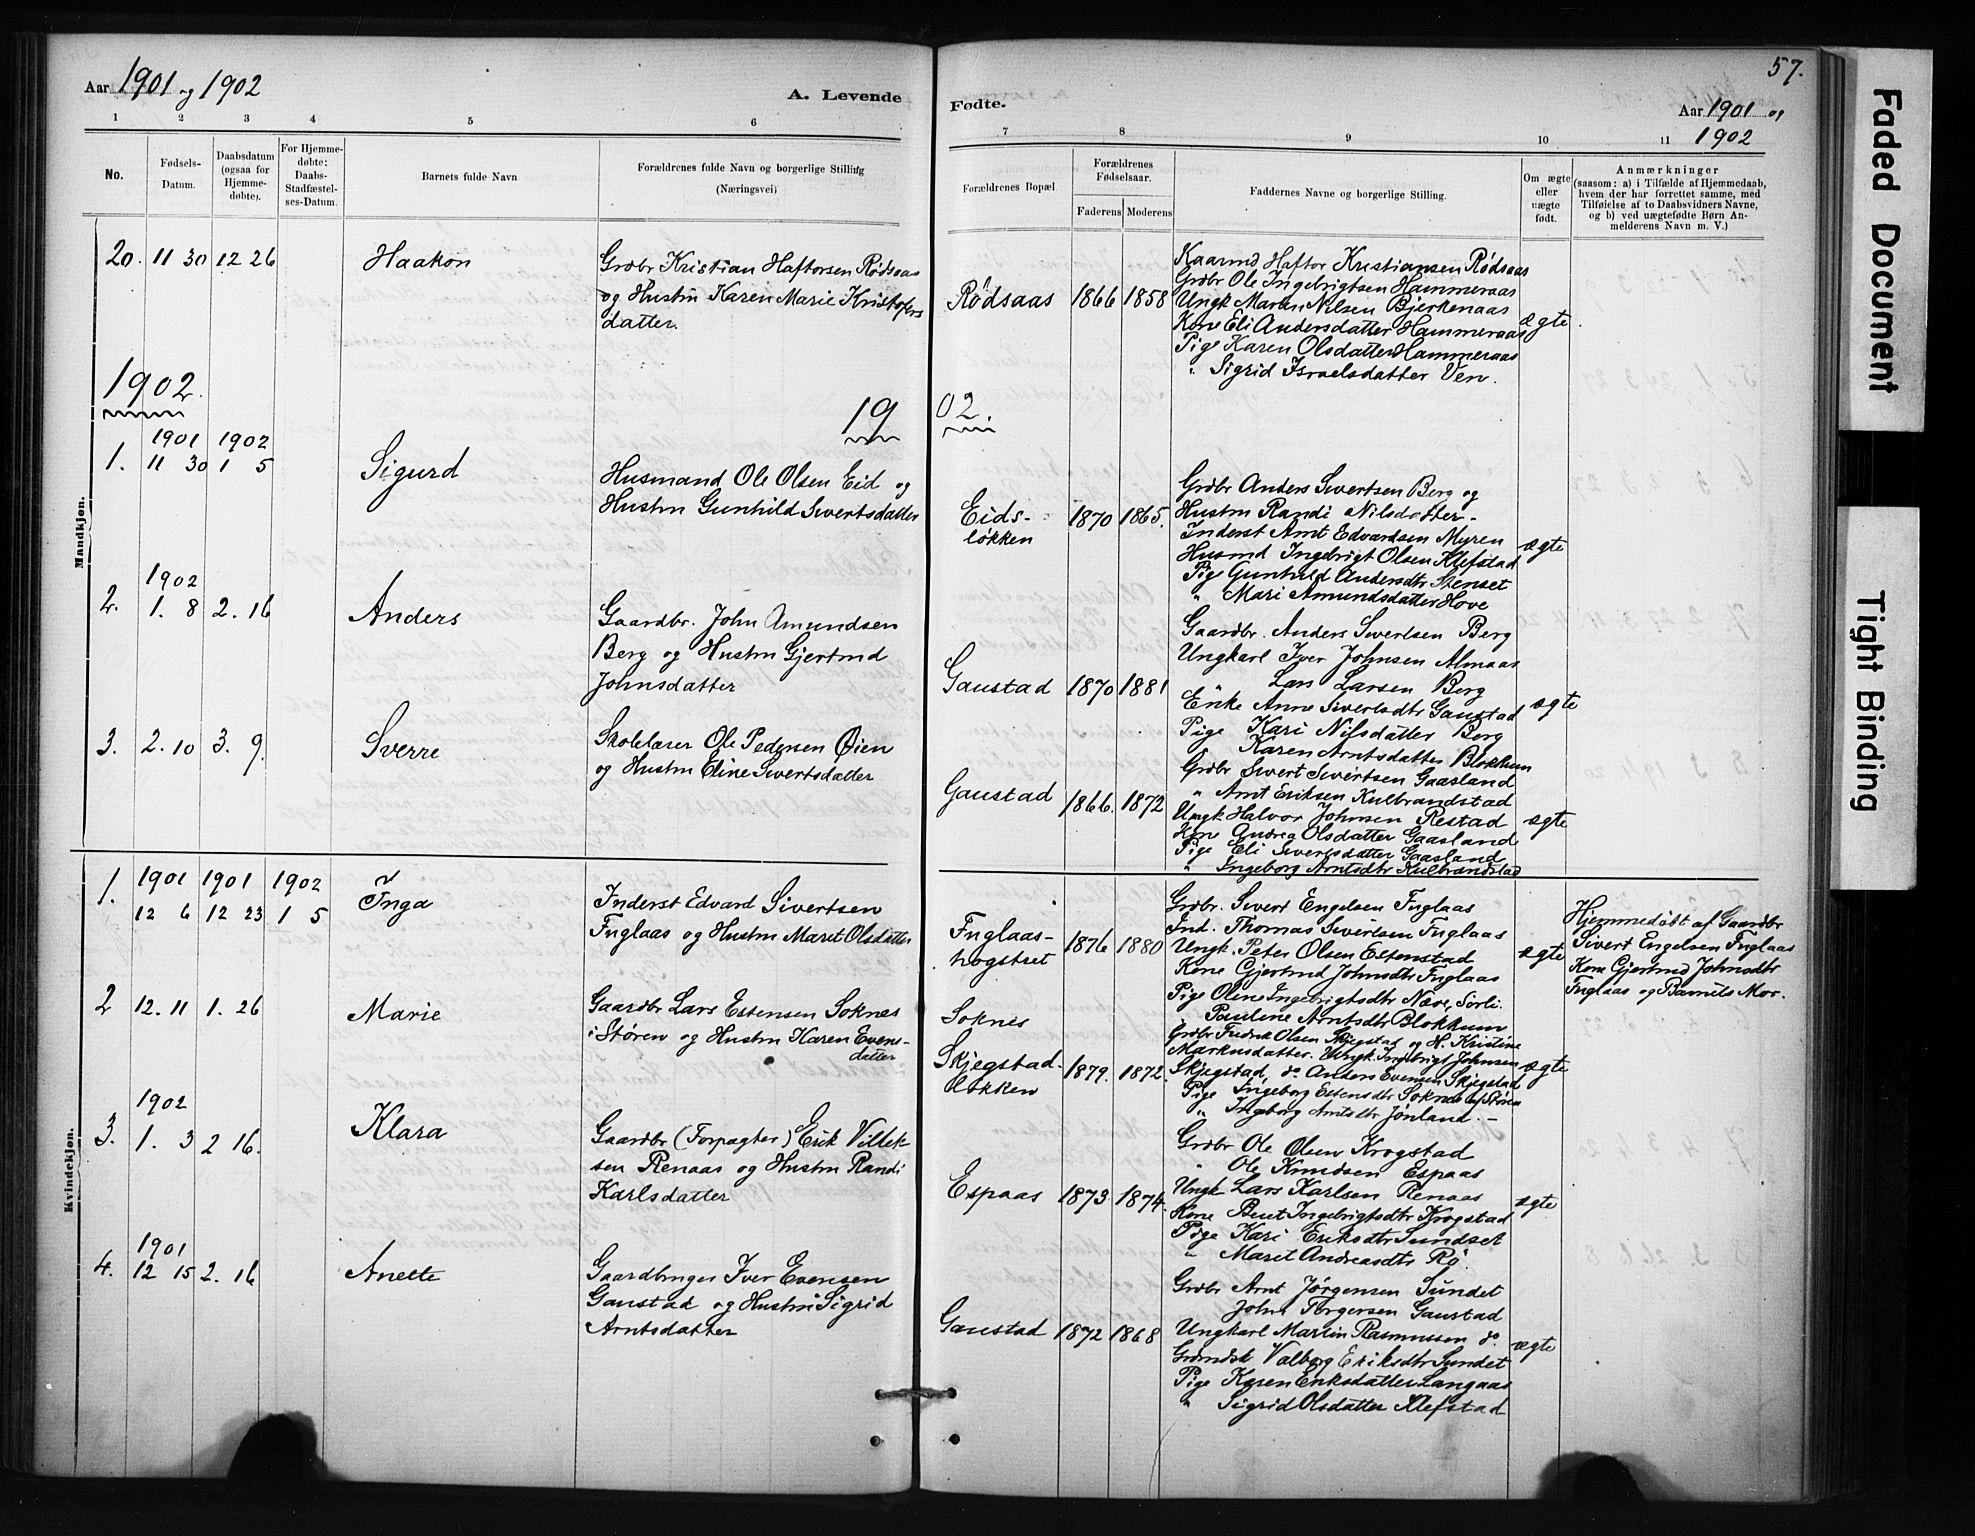 SAT, Ministerialprotokoller, klokkerbøker og fødselsregistre - Sør-Trøndelag, 694/L1127: Ministerialbok nr. 694A01, 1887-1905, s. 57